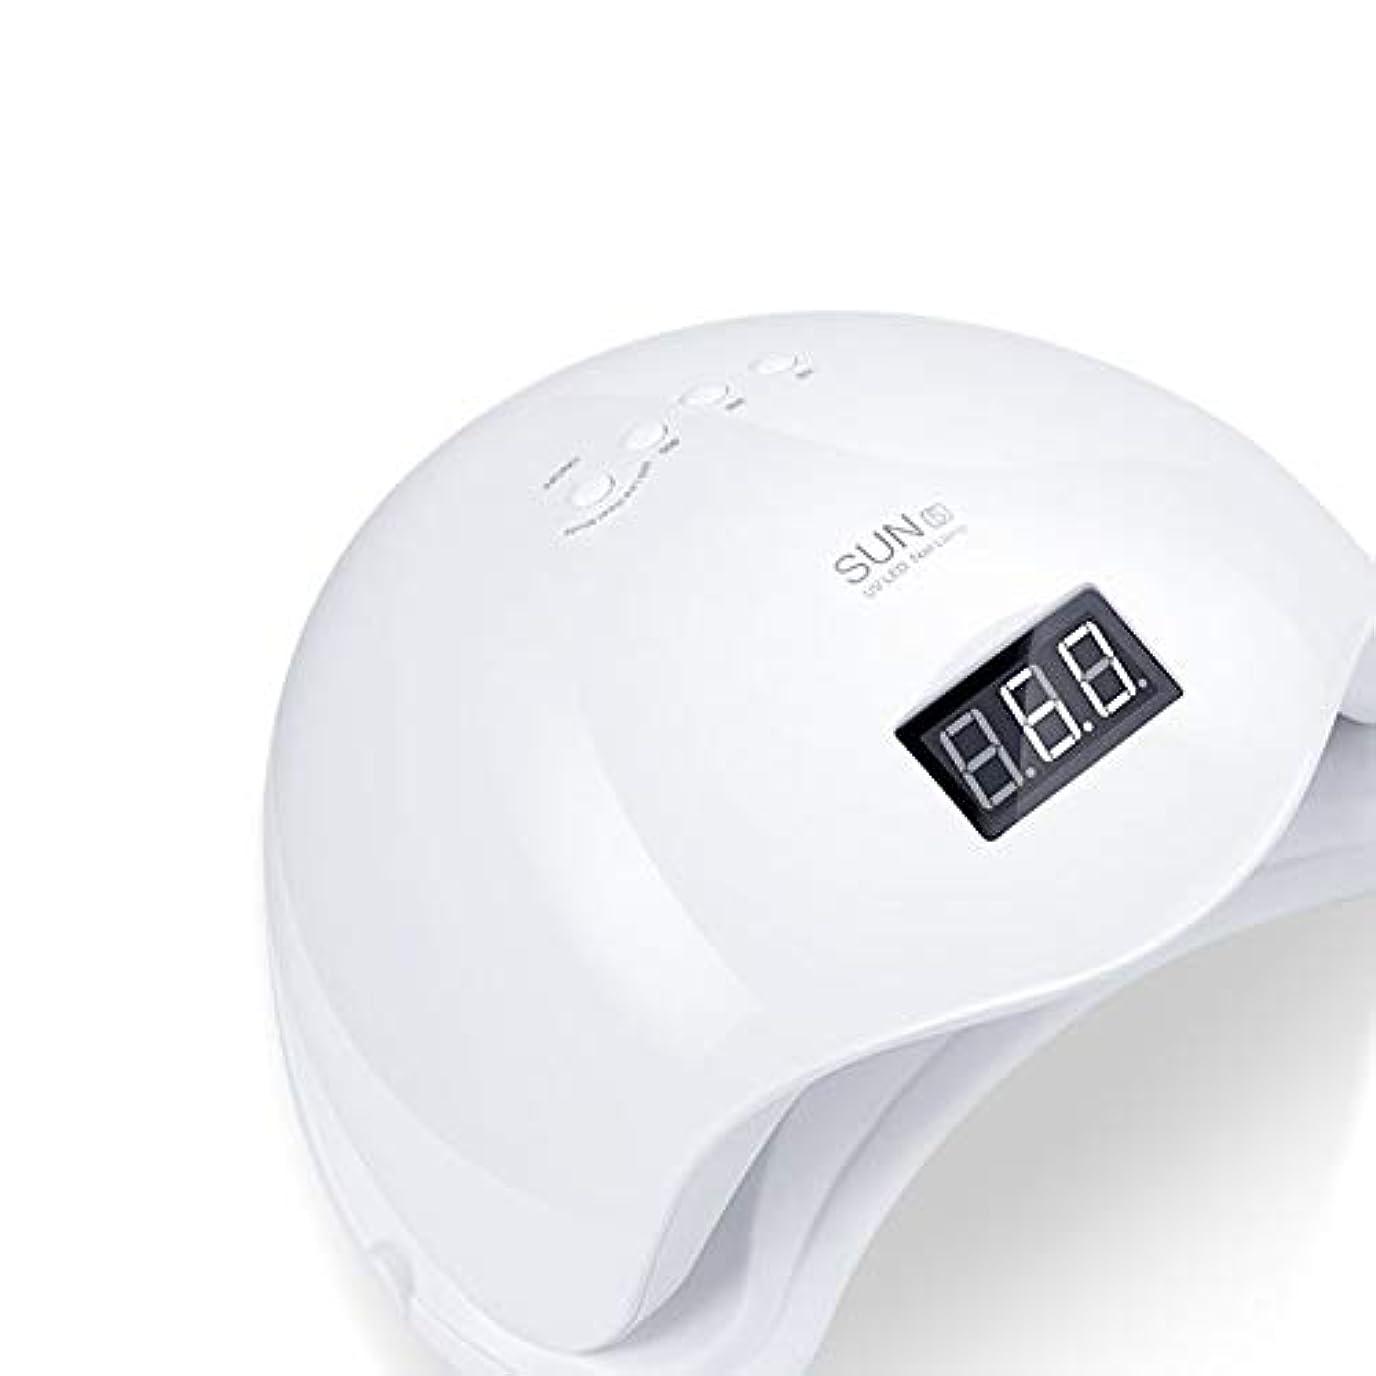 規範炎上噴出するLEDネイルライト、24個のLEDビーズが付いている48Wマニキュアドライヤーライトの治癒光 - 安い、ディスカウント価格センサーUVジェルネイルポリッシュ用4タイマー(10/30/60/99秒)